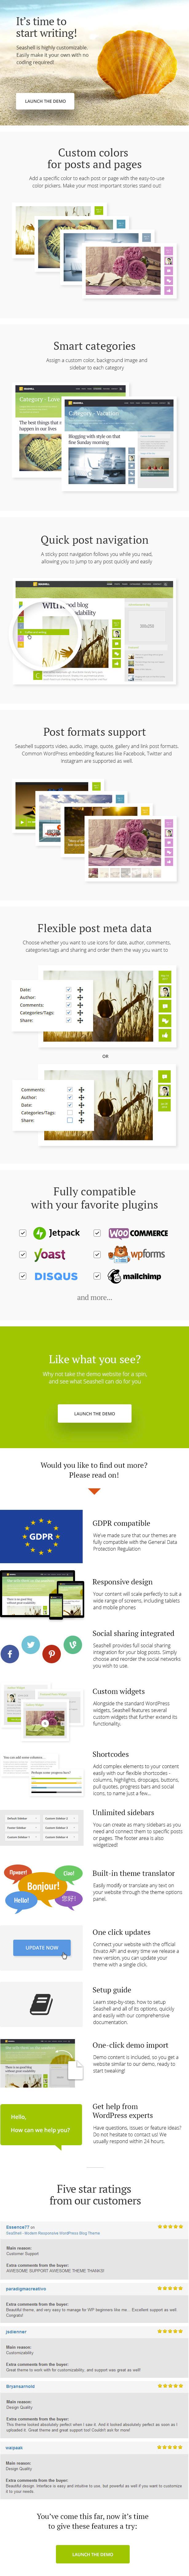 SeaShell - سمة مدونة WordPress المتجاوبة الحديثة